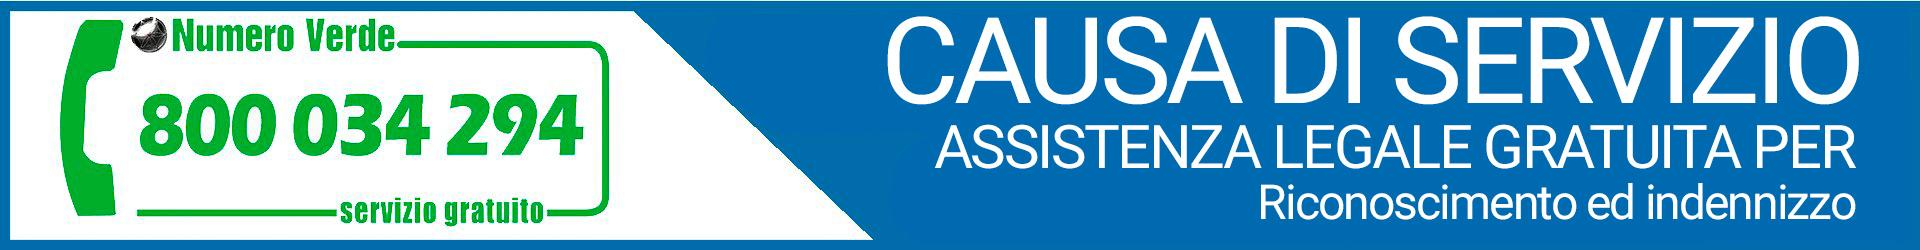 causa-servizio-assistenza